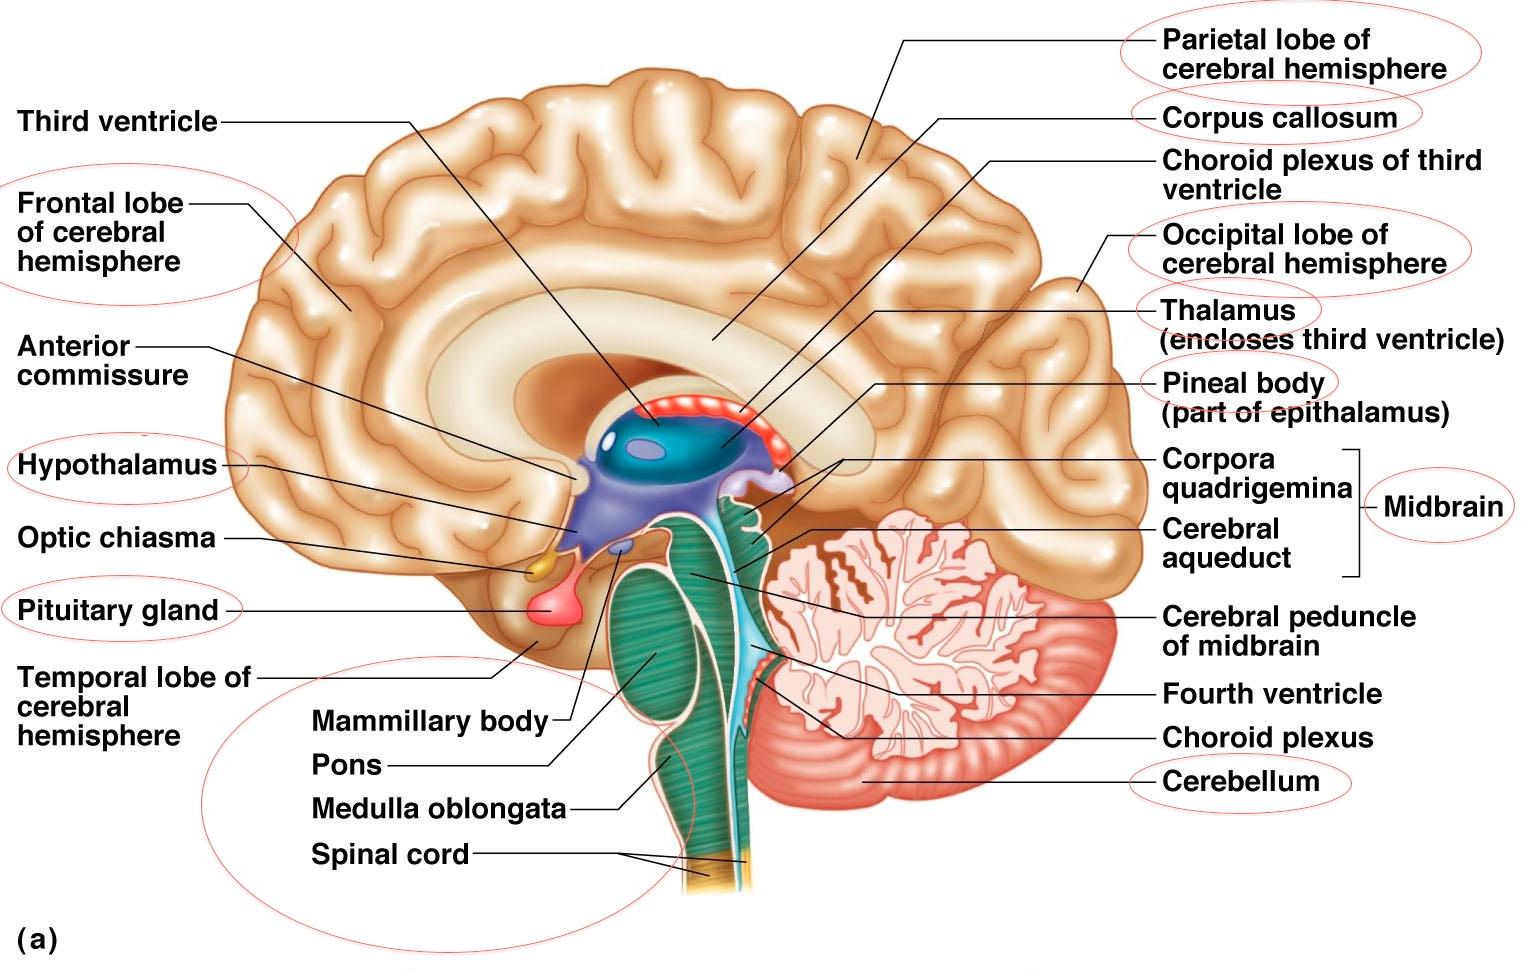 Infundibulum Brain | www.pixshark.com - Images Galleries ...